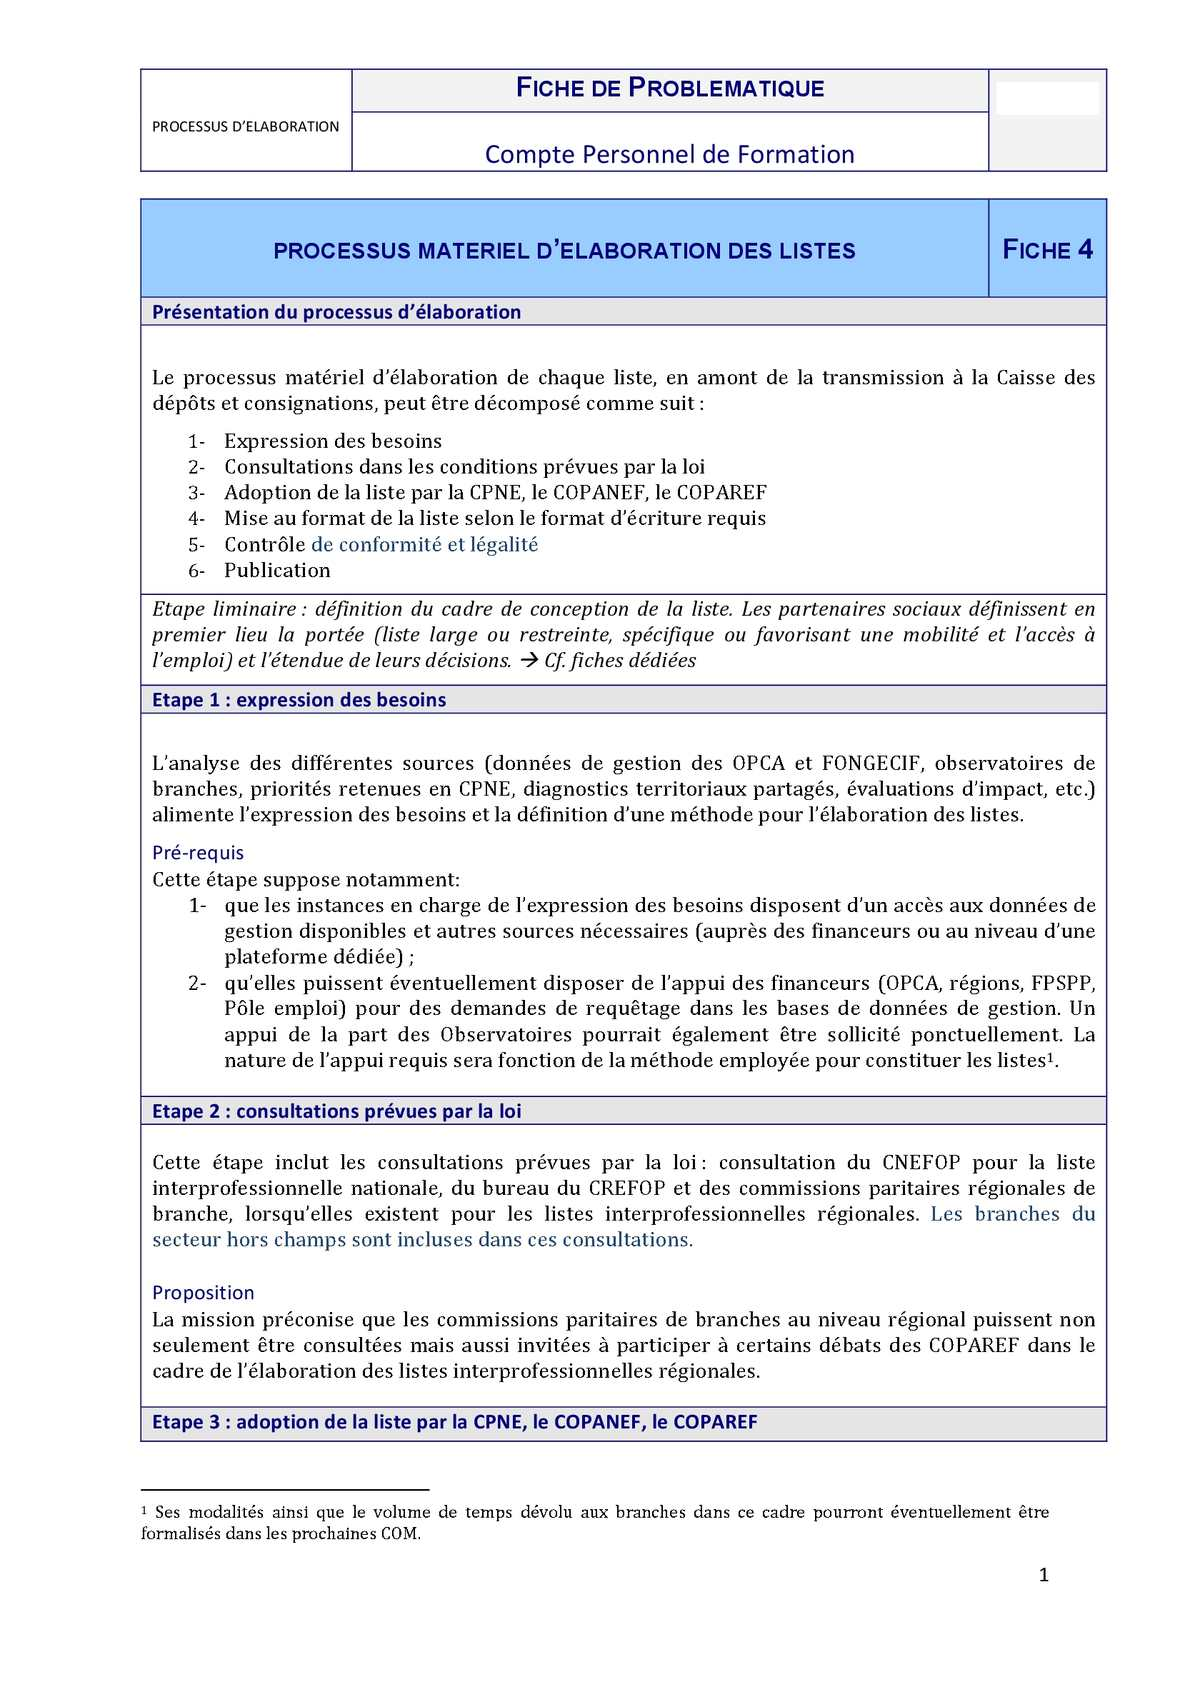 Calaméo - Fiche 4 - Processus matériel d'élaboration des ...